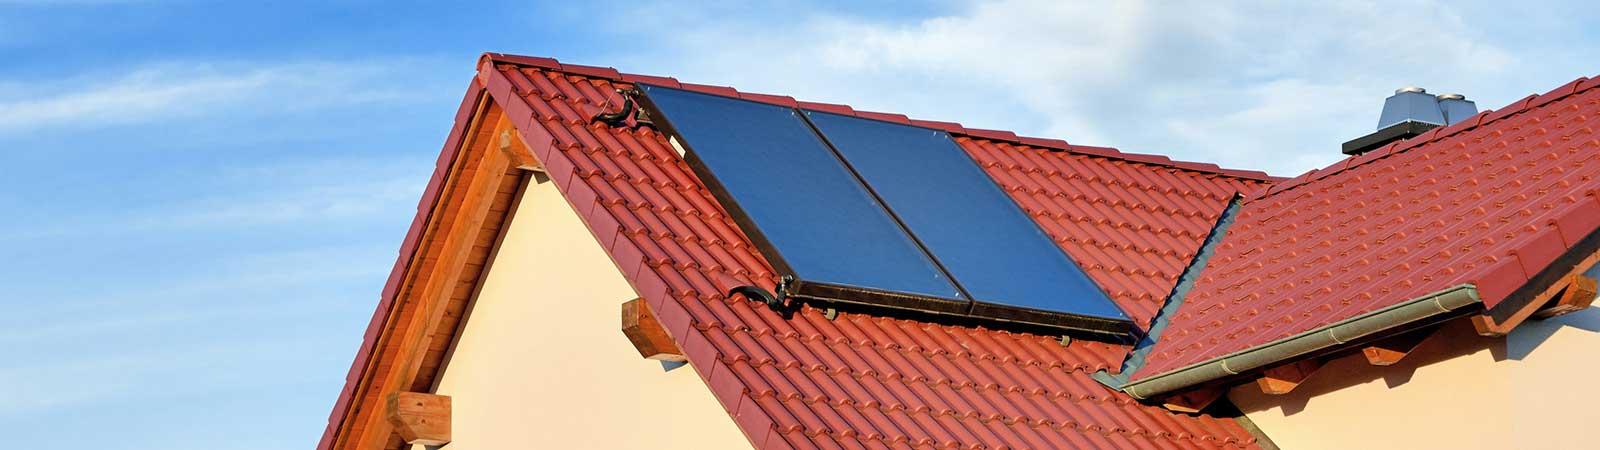 solaranlagen modernisieren mit erneuerbarer energie. Black Bedroom Furniture Sets. Home Design Ideas